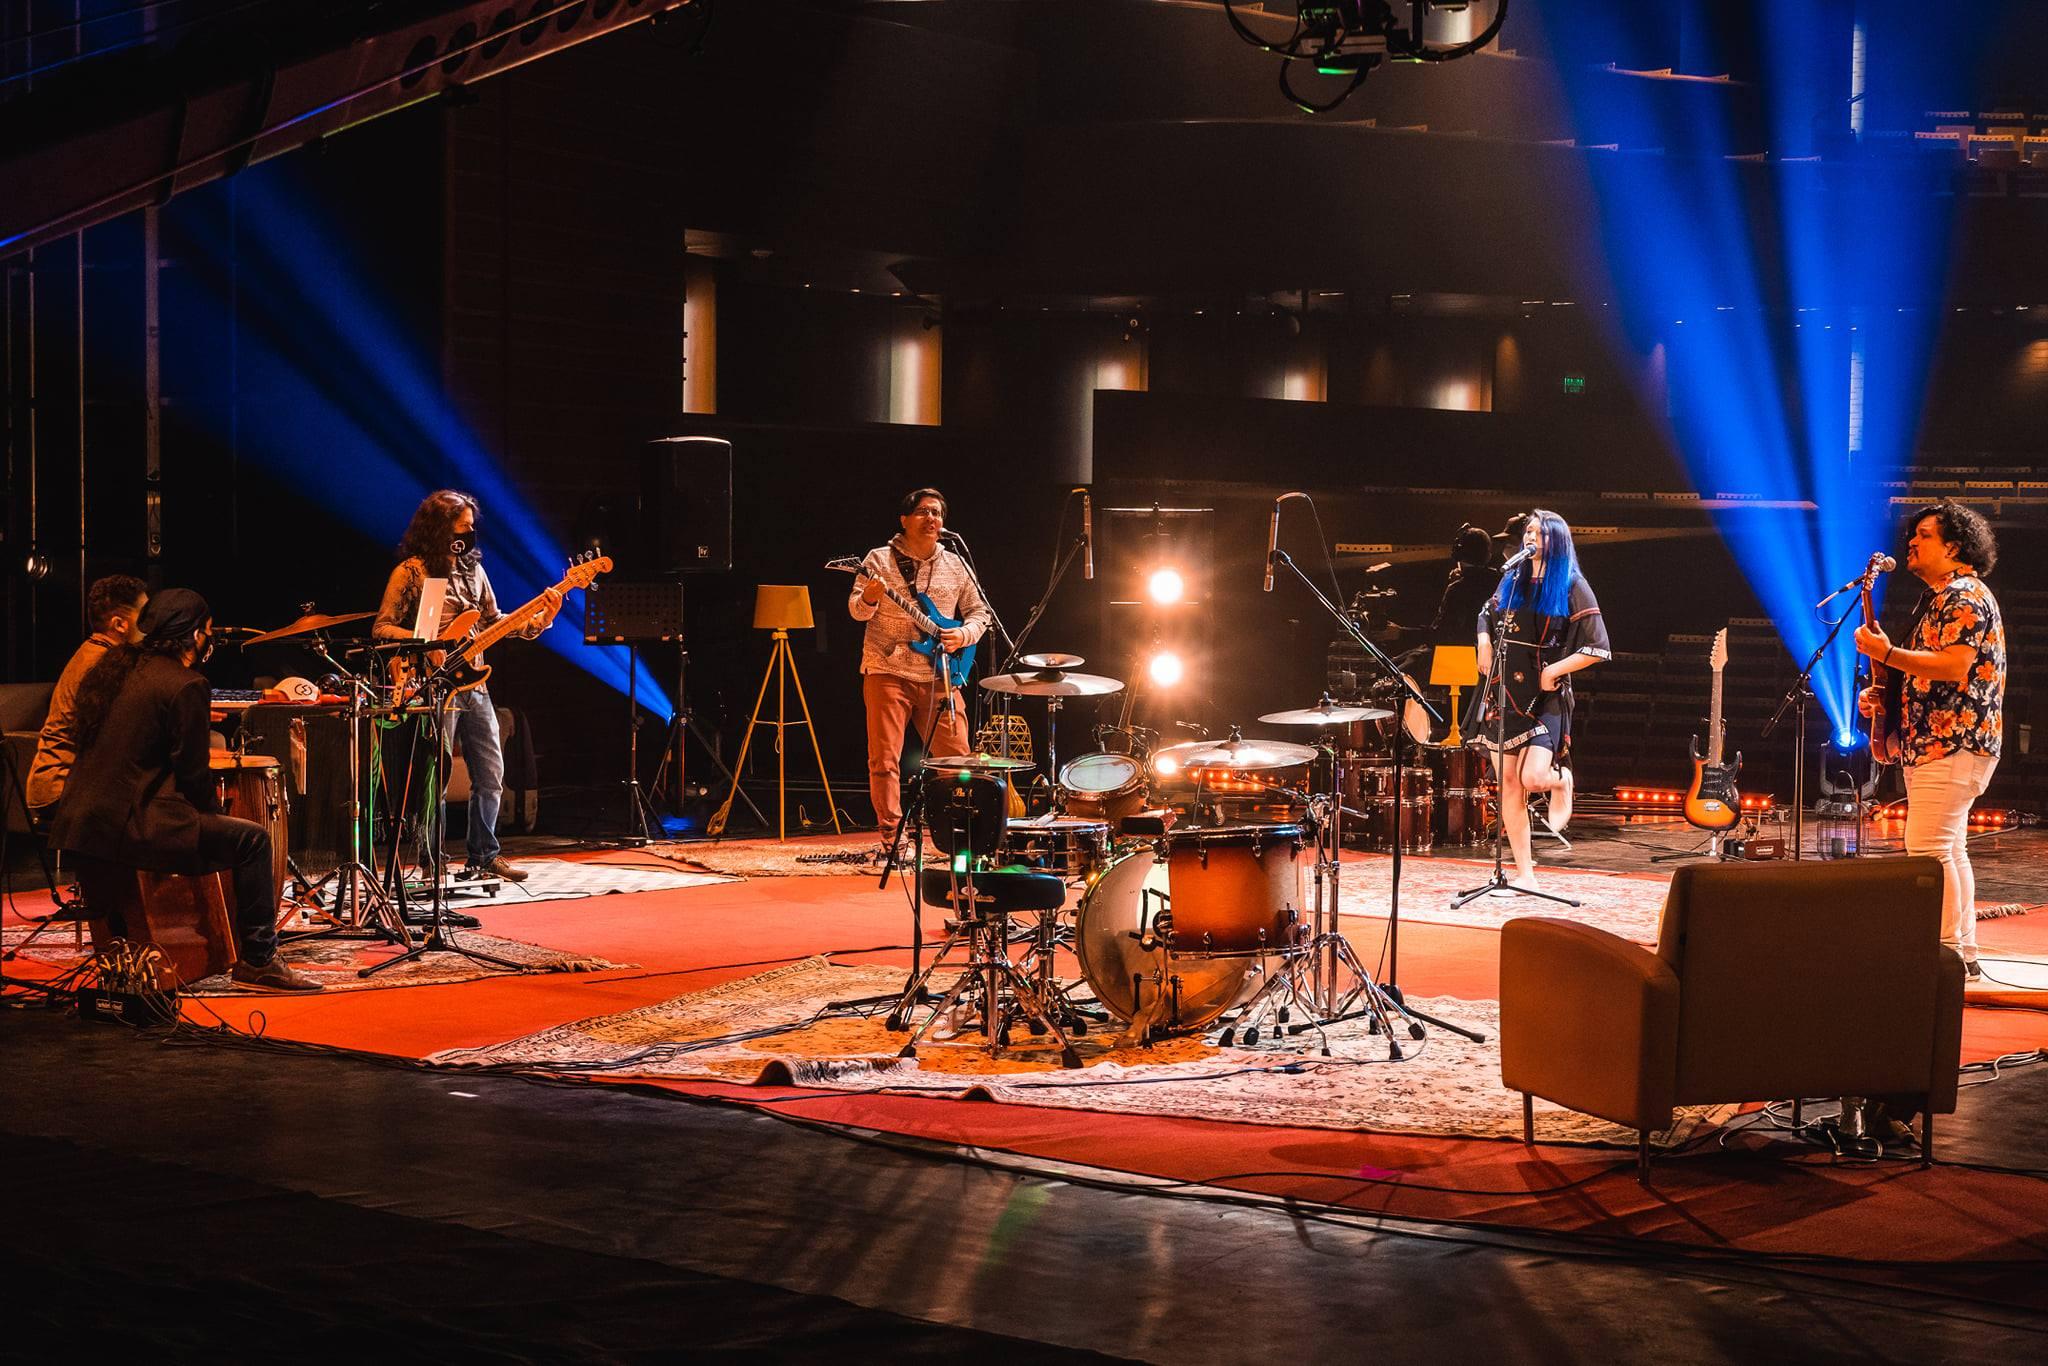 Perú y Chile se unen para formar alianza para la música independiente